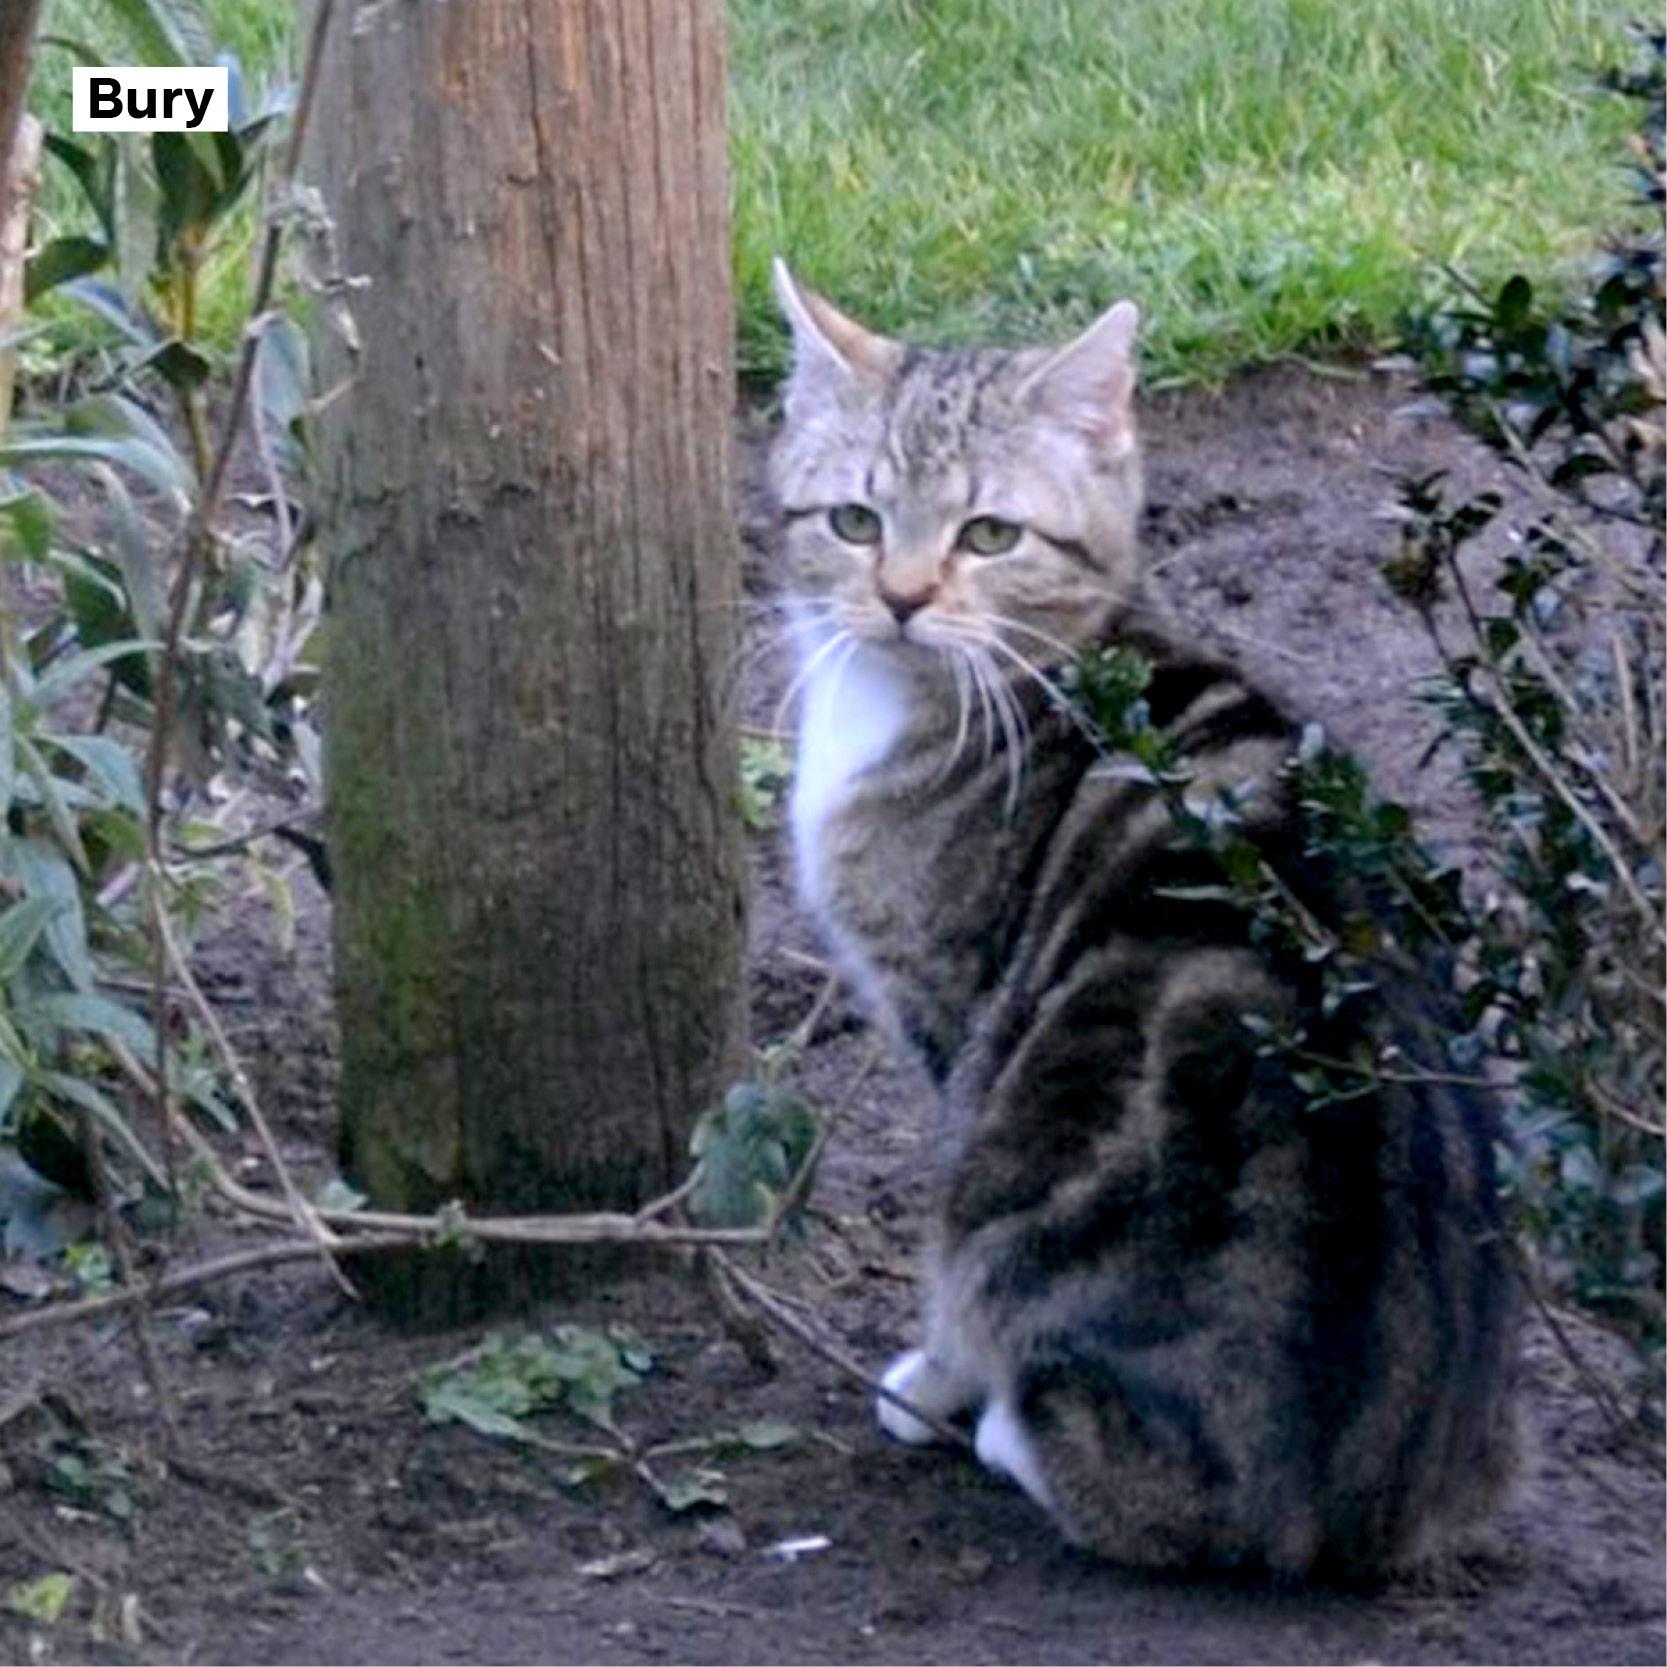 meter_peter_11 Bury